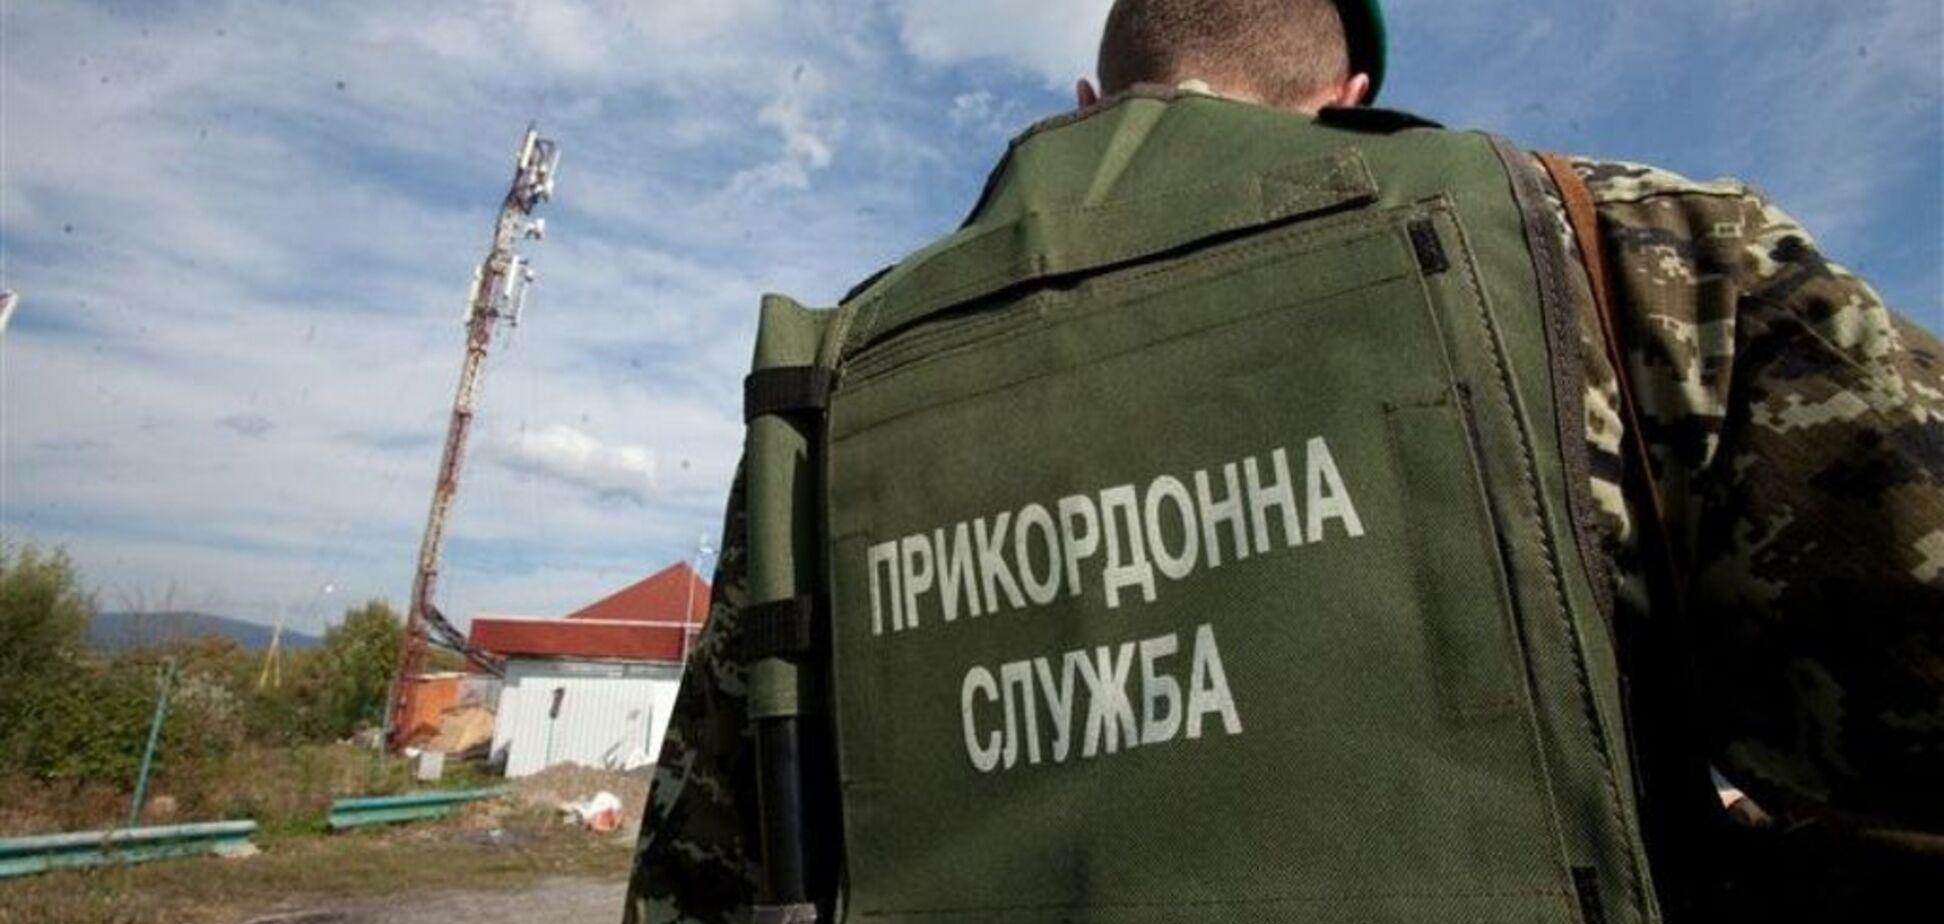 Українські прикордонники приведені в повну бойову готовність